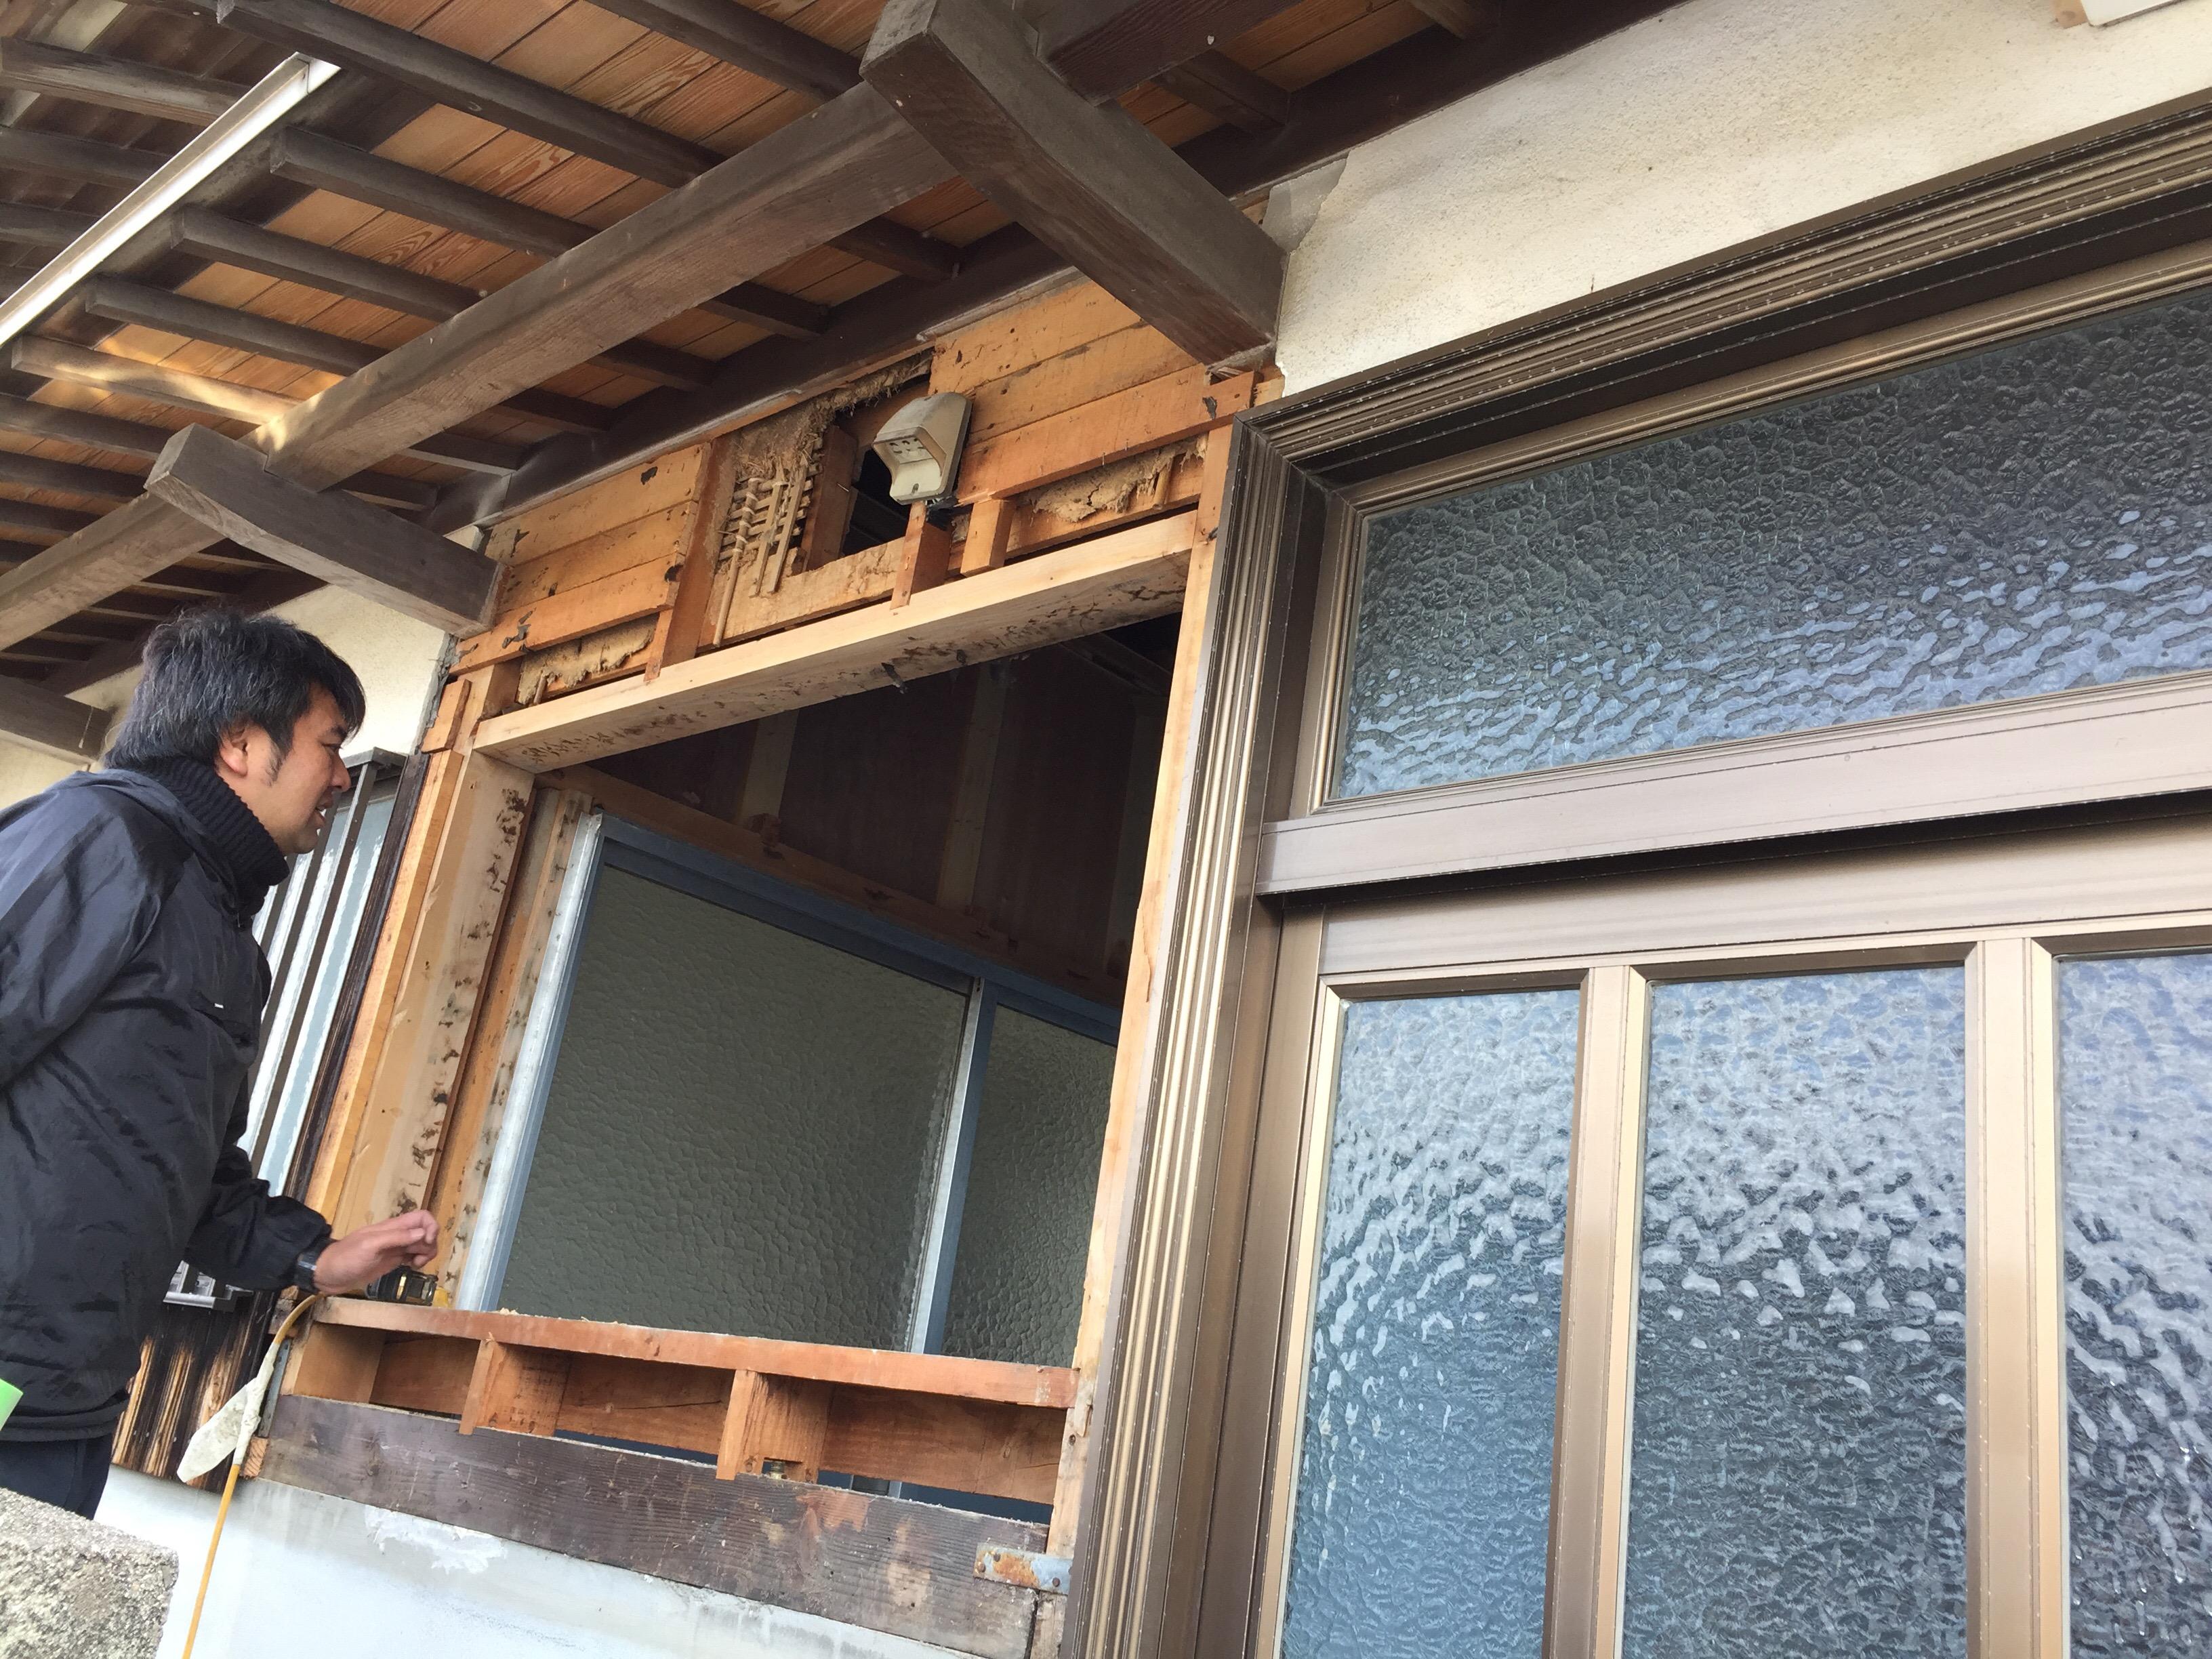 西条市 タイル貼り浴室からユニットバスへリフォーム 施工中 窓